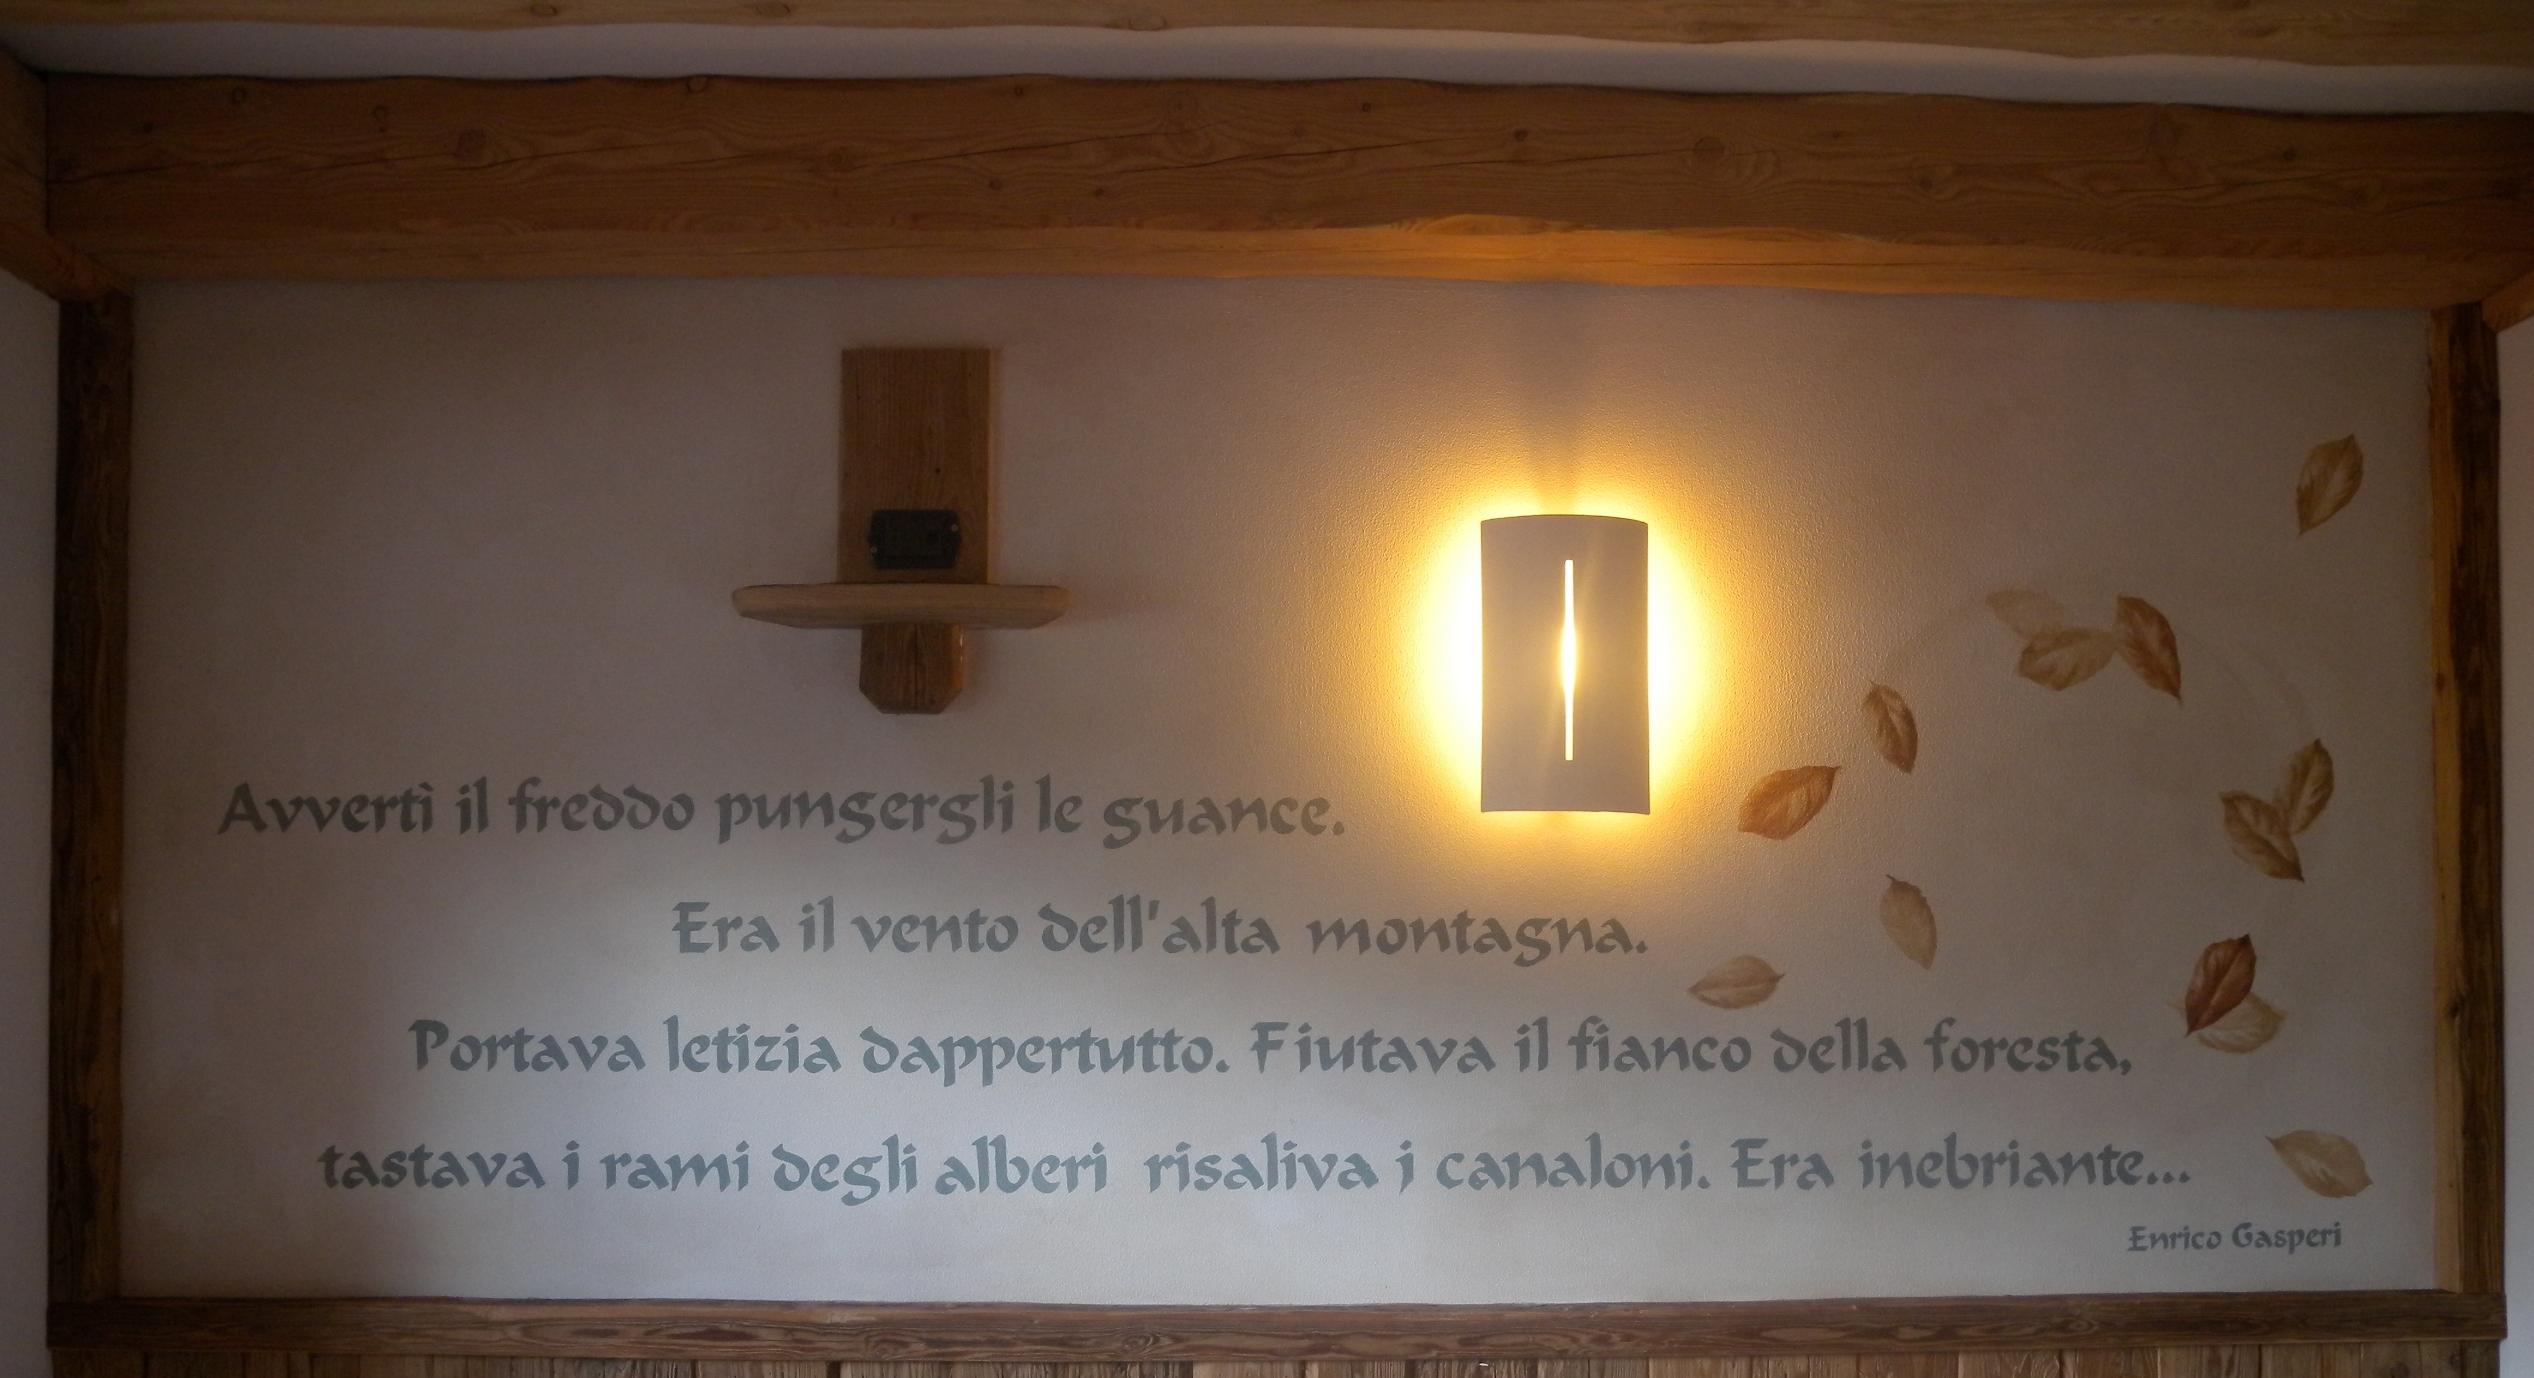 Enrico Gasperi_ Chalet Fogajart, Madonna di Campiglio